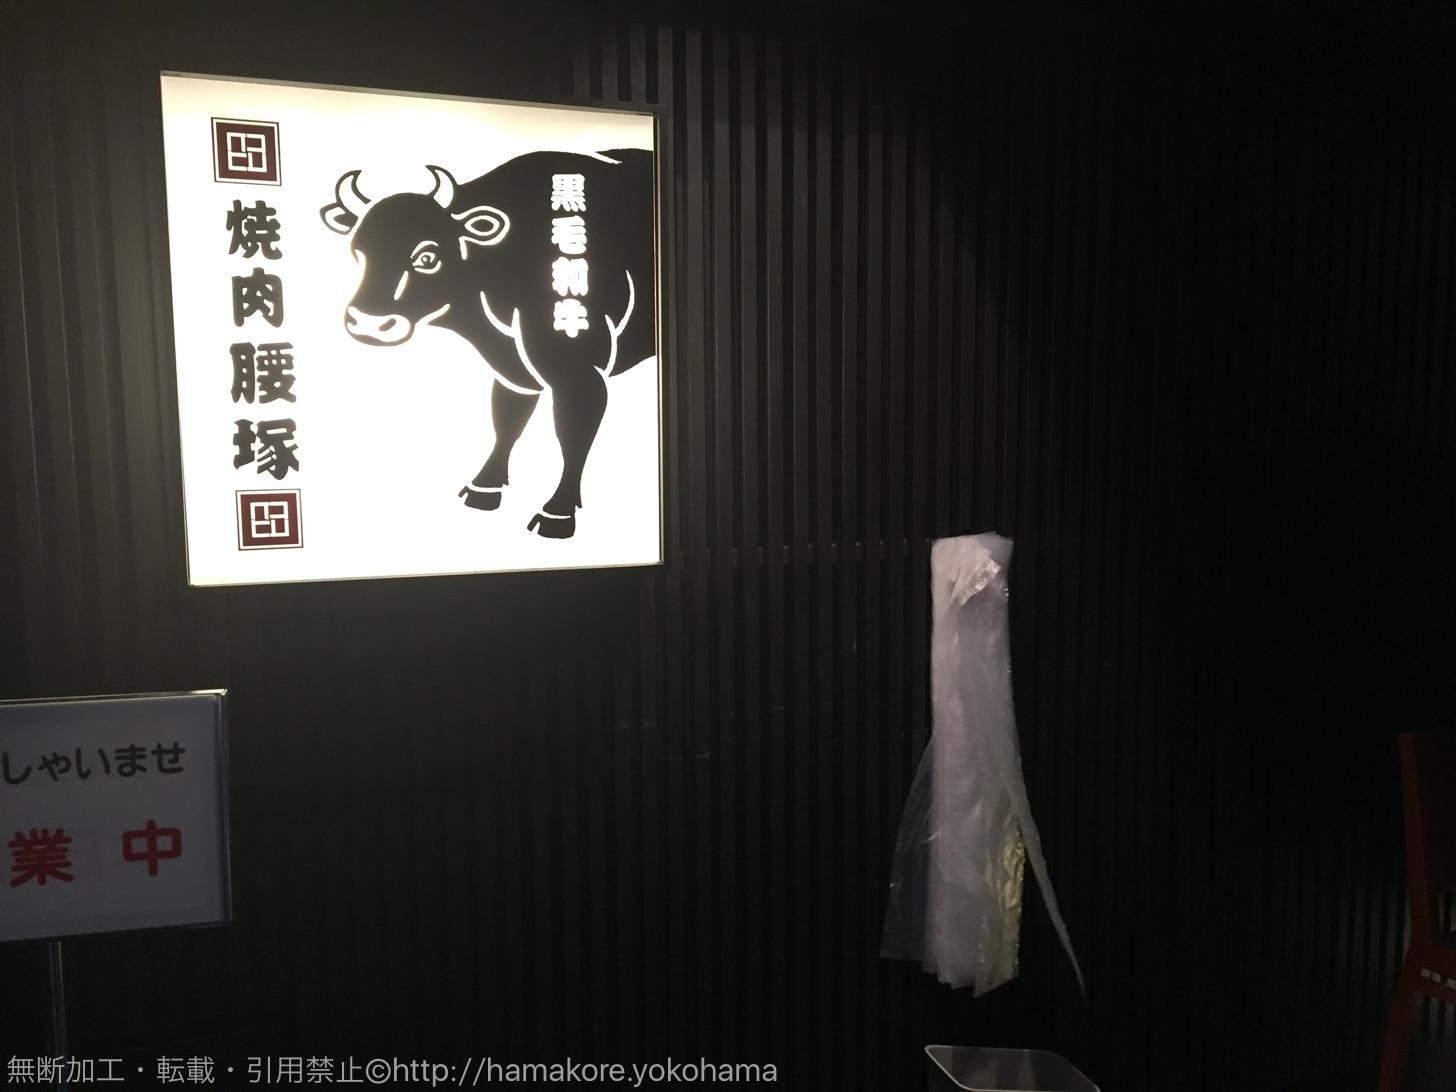 腰塚 新横浜店 入り口